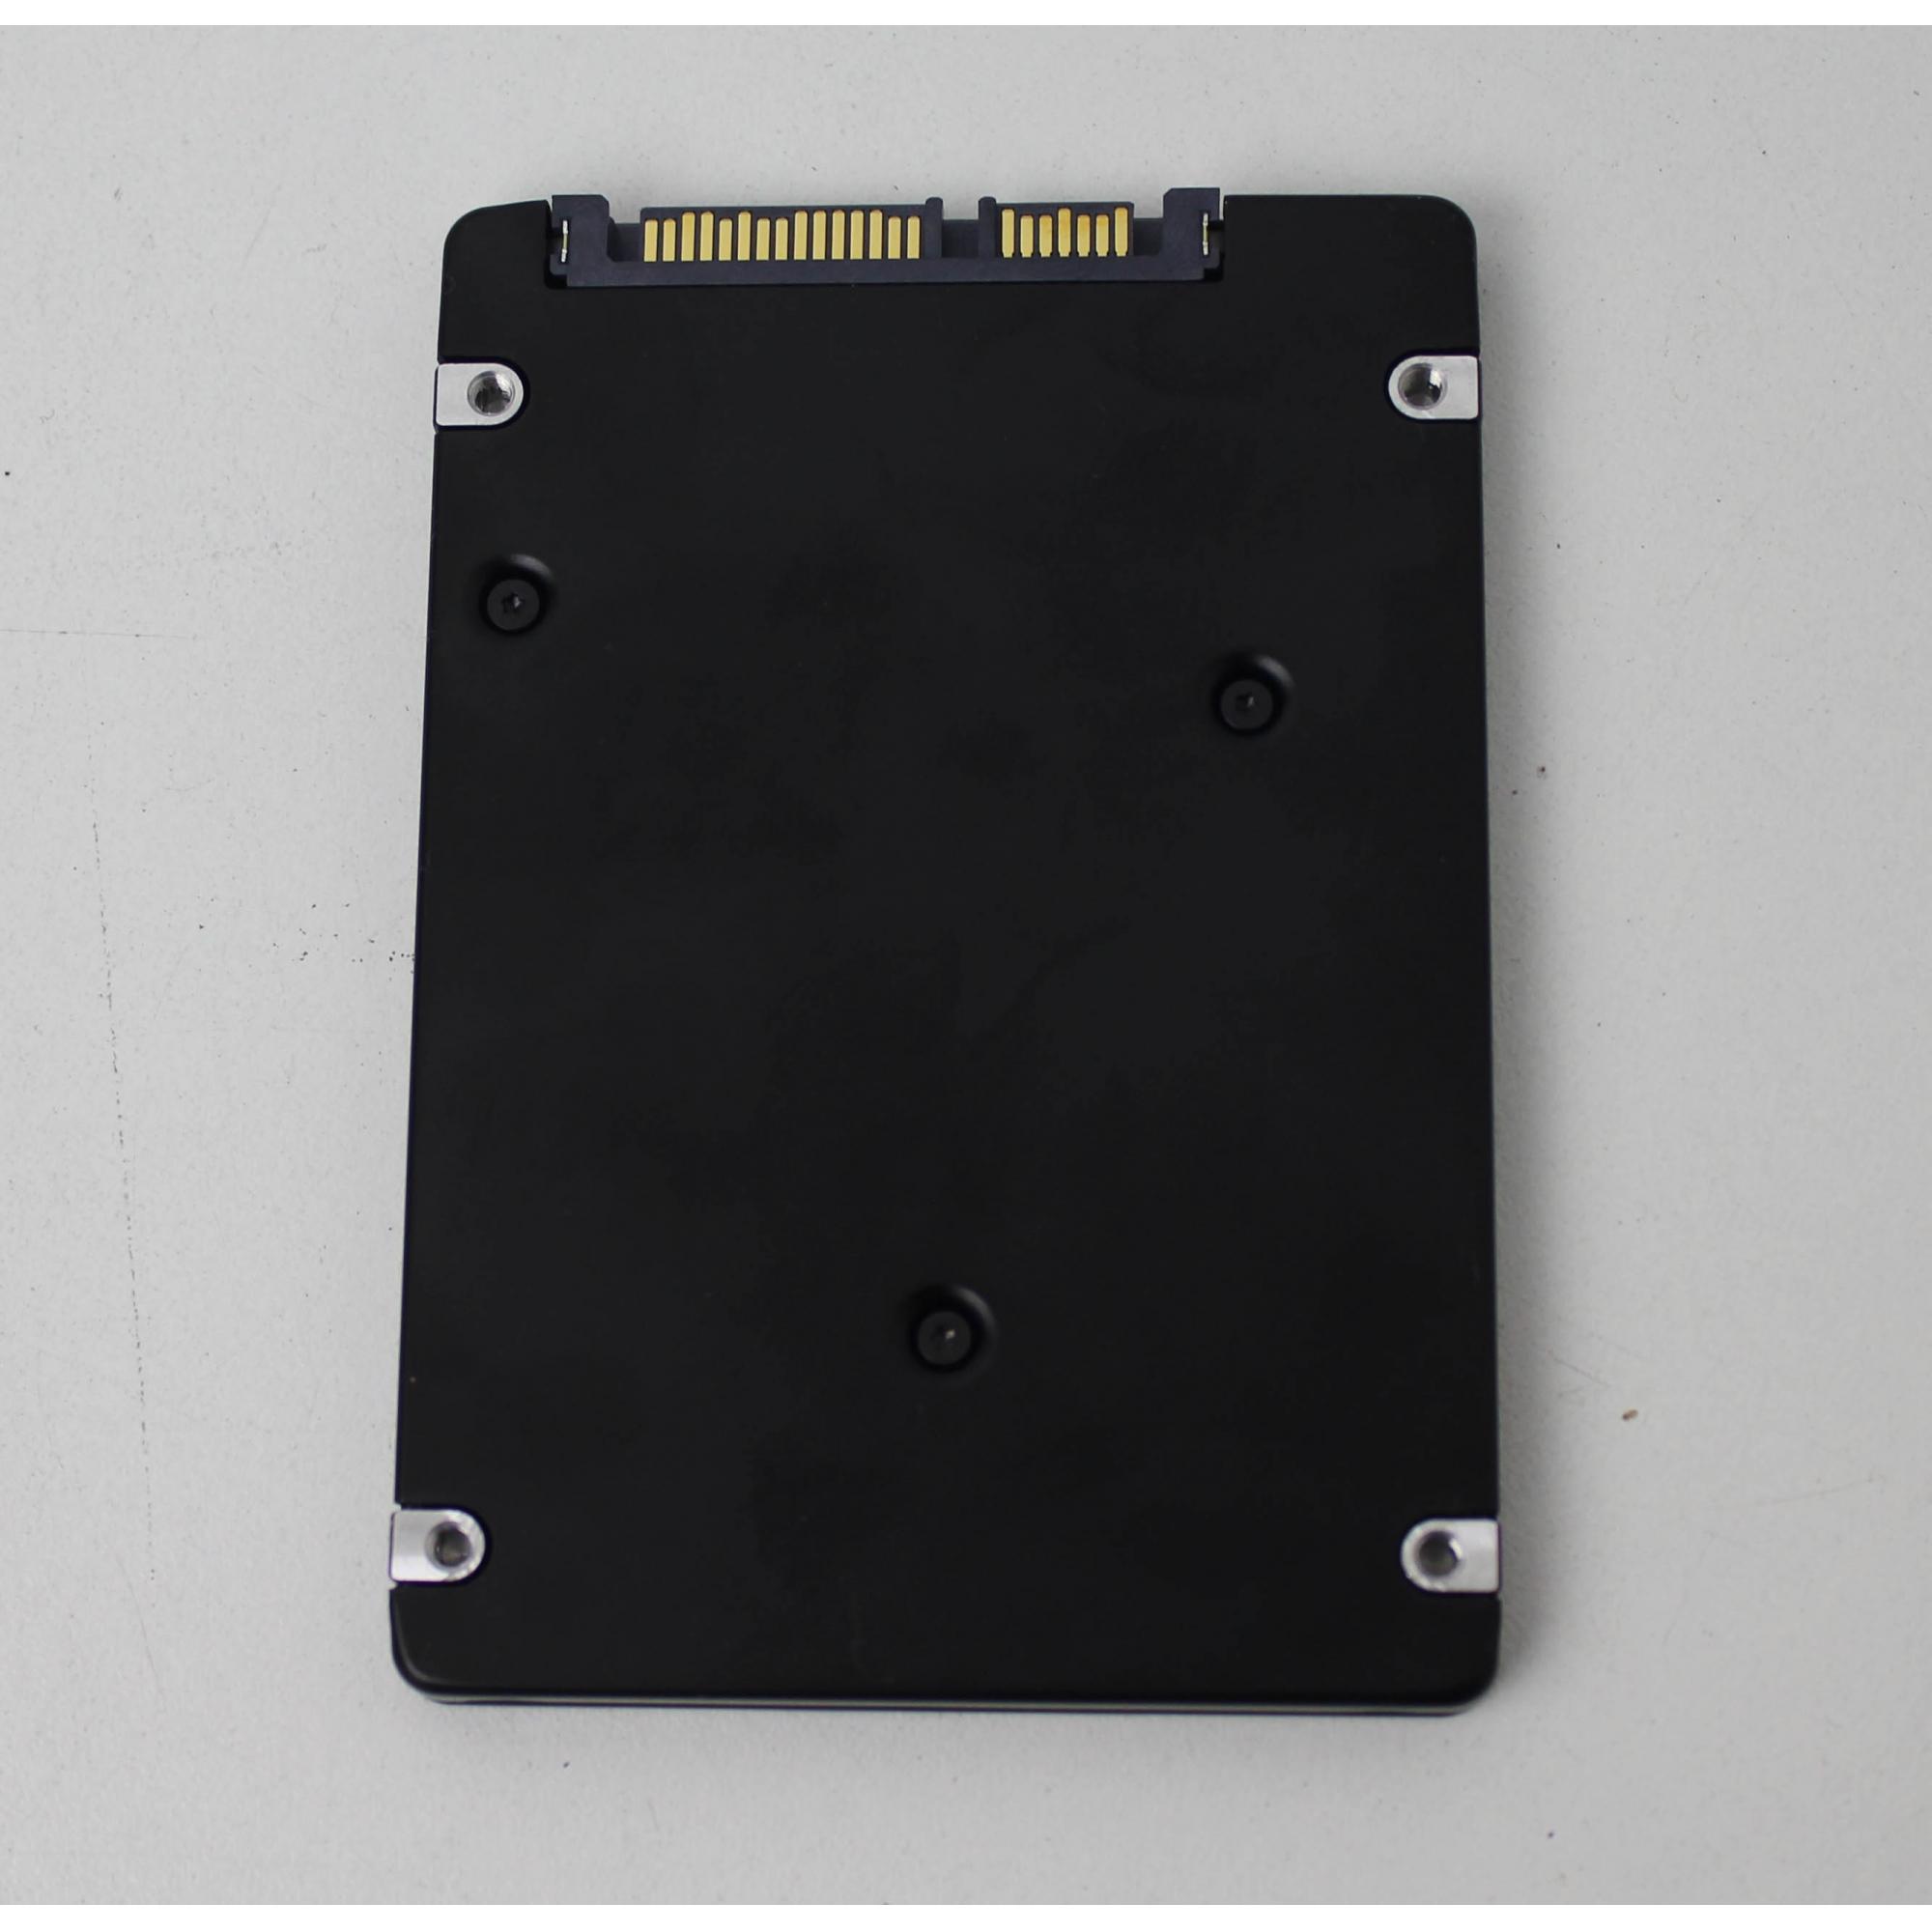 HD SSD DELL 1.92TB PARA SERVIDORES - MZ-7KH1T9A